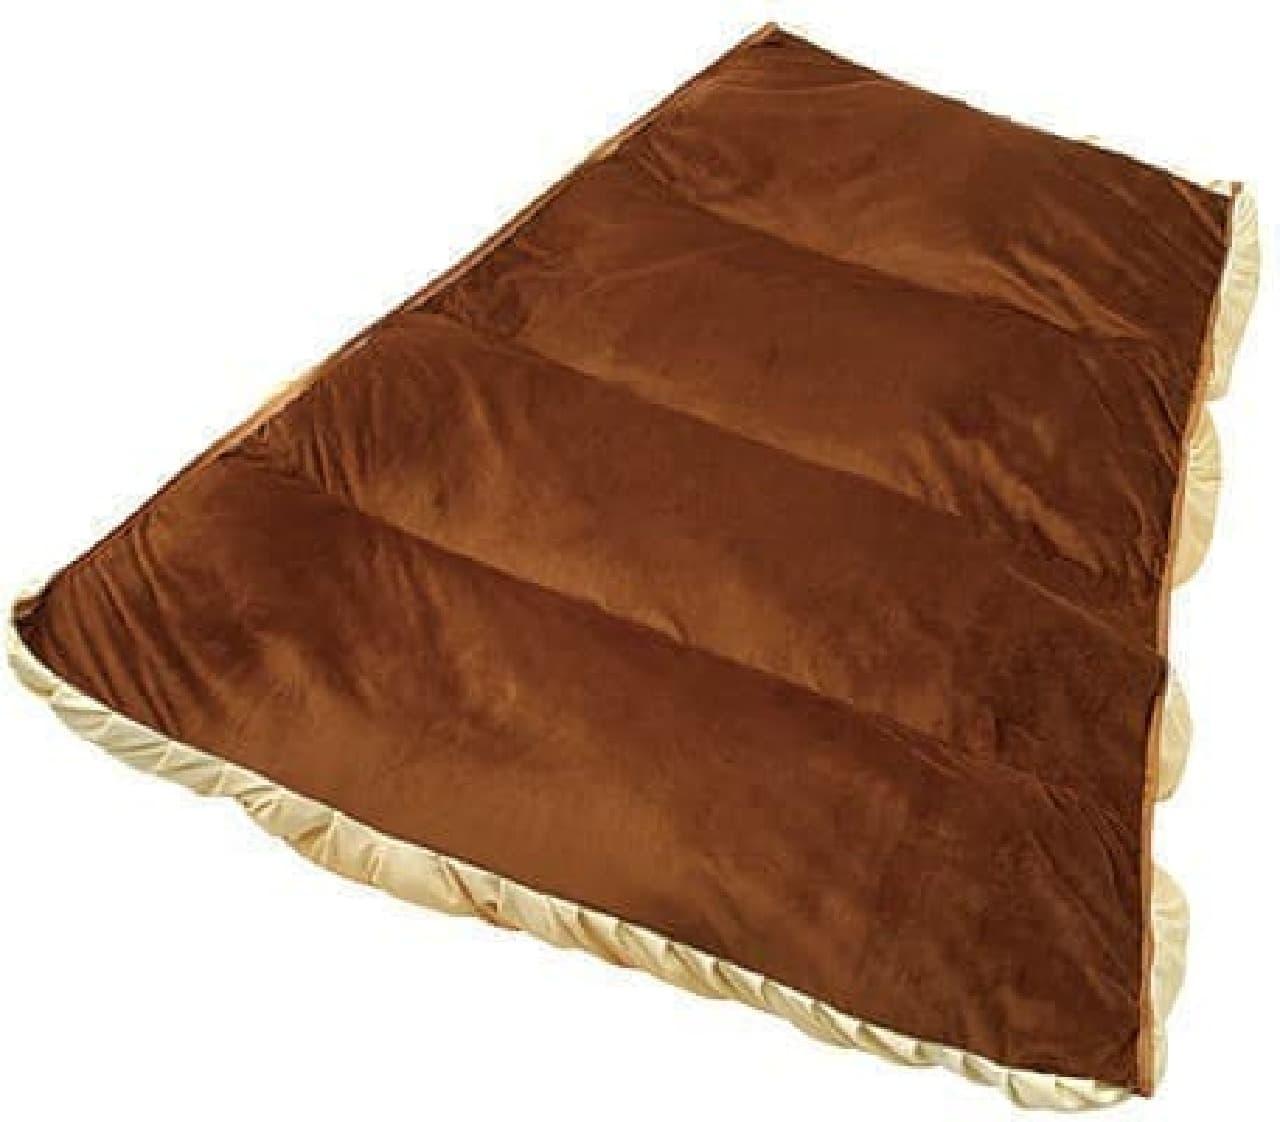 「ごろんとチョコゴロ寝」の内部